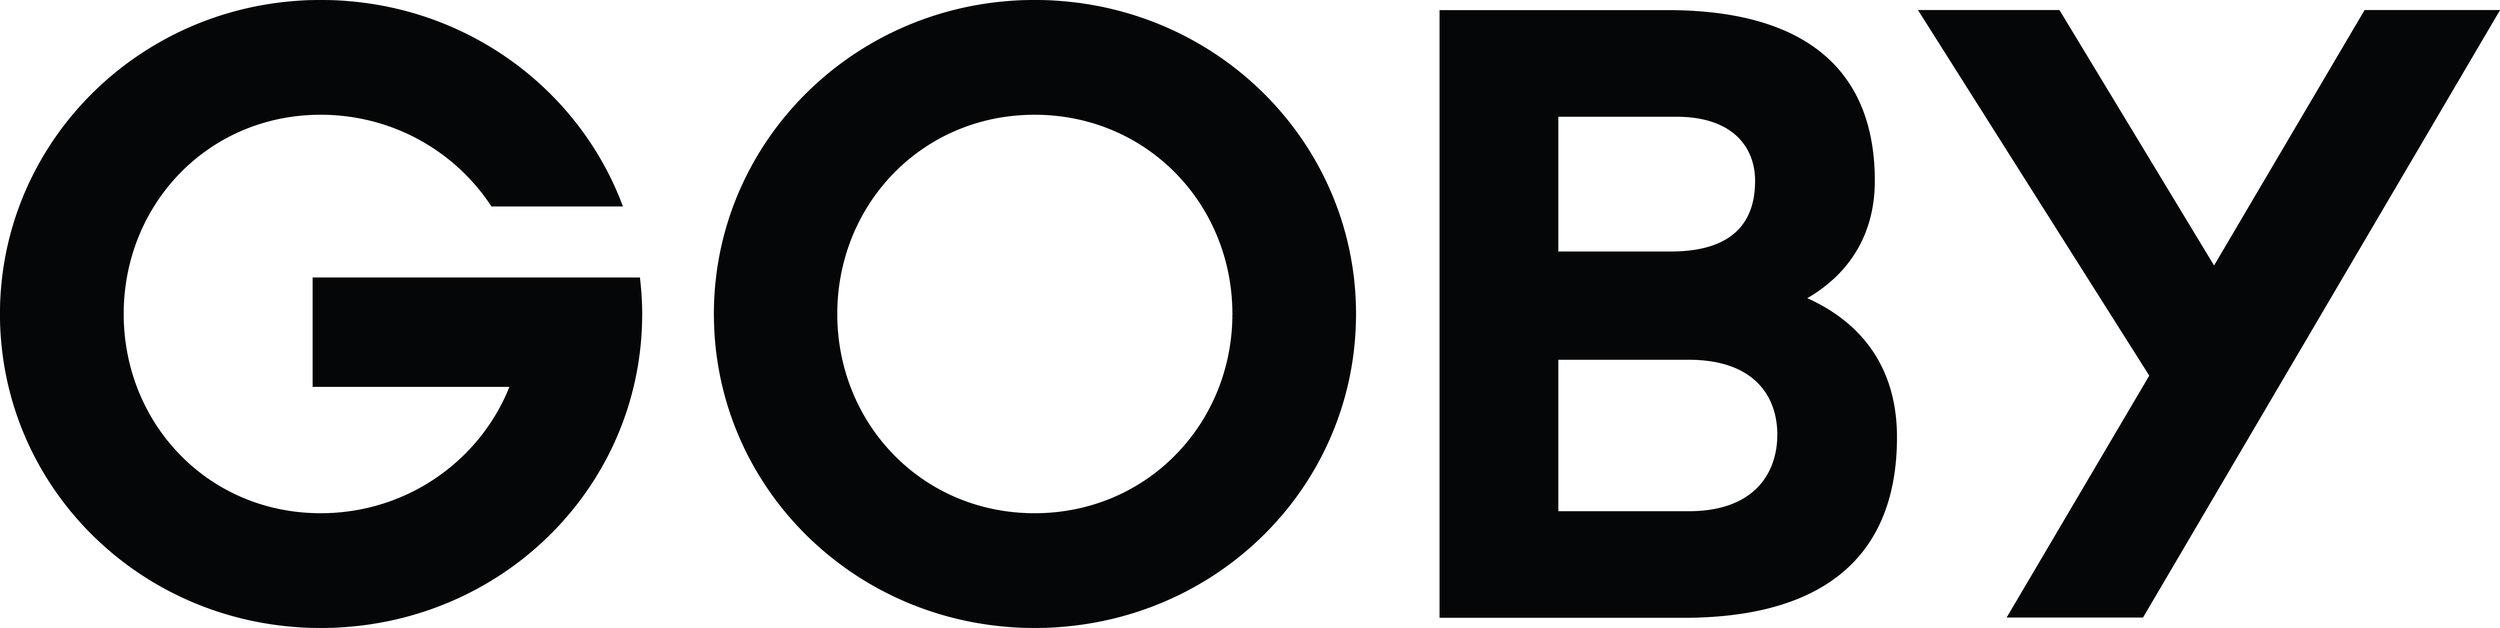 GBY.001.Logo.Final.jpg